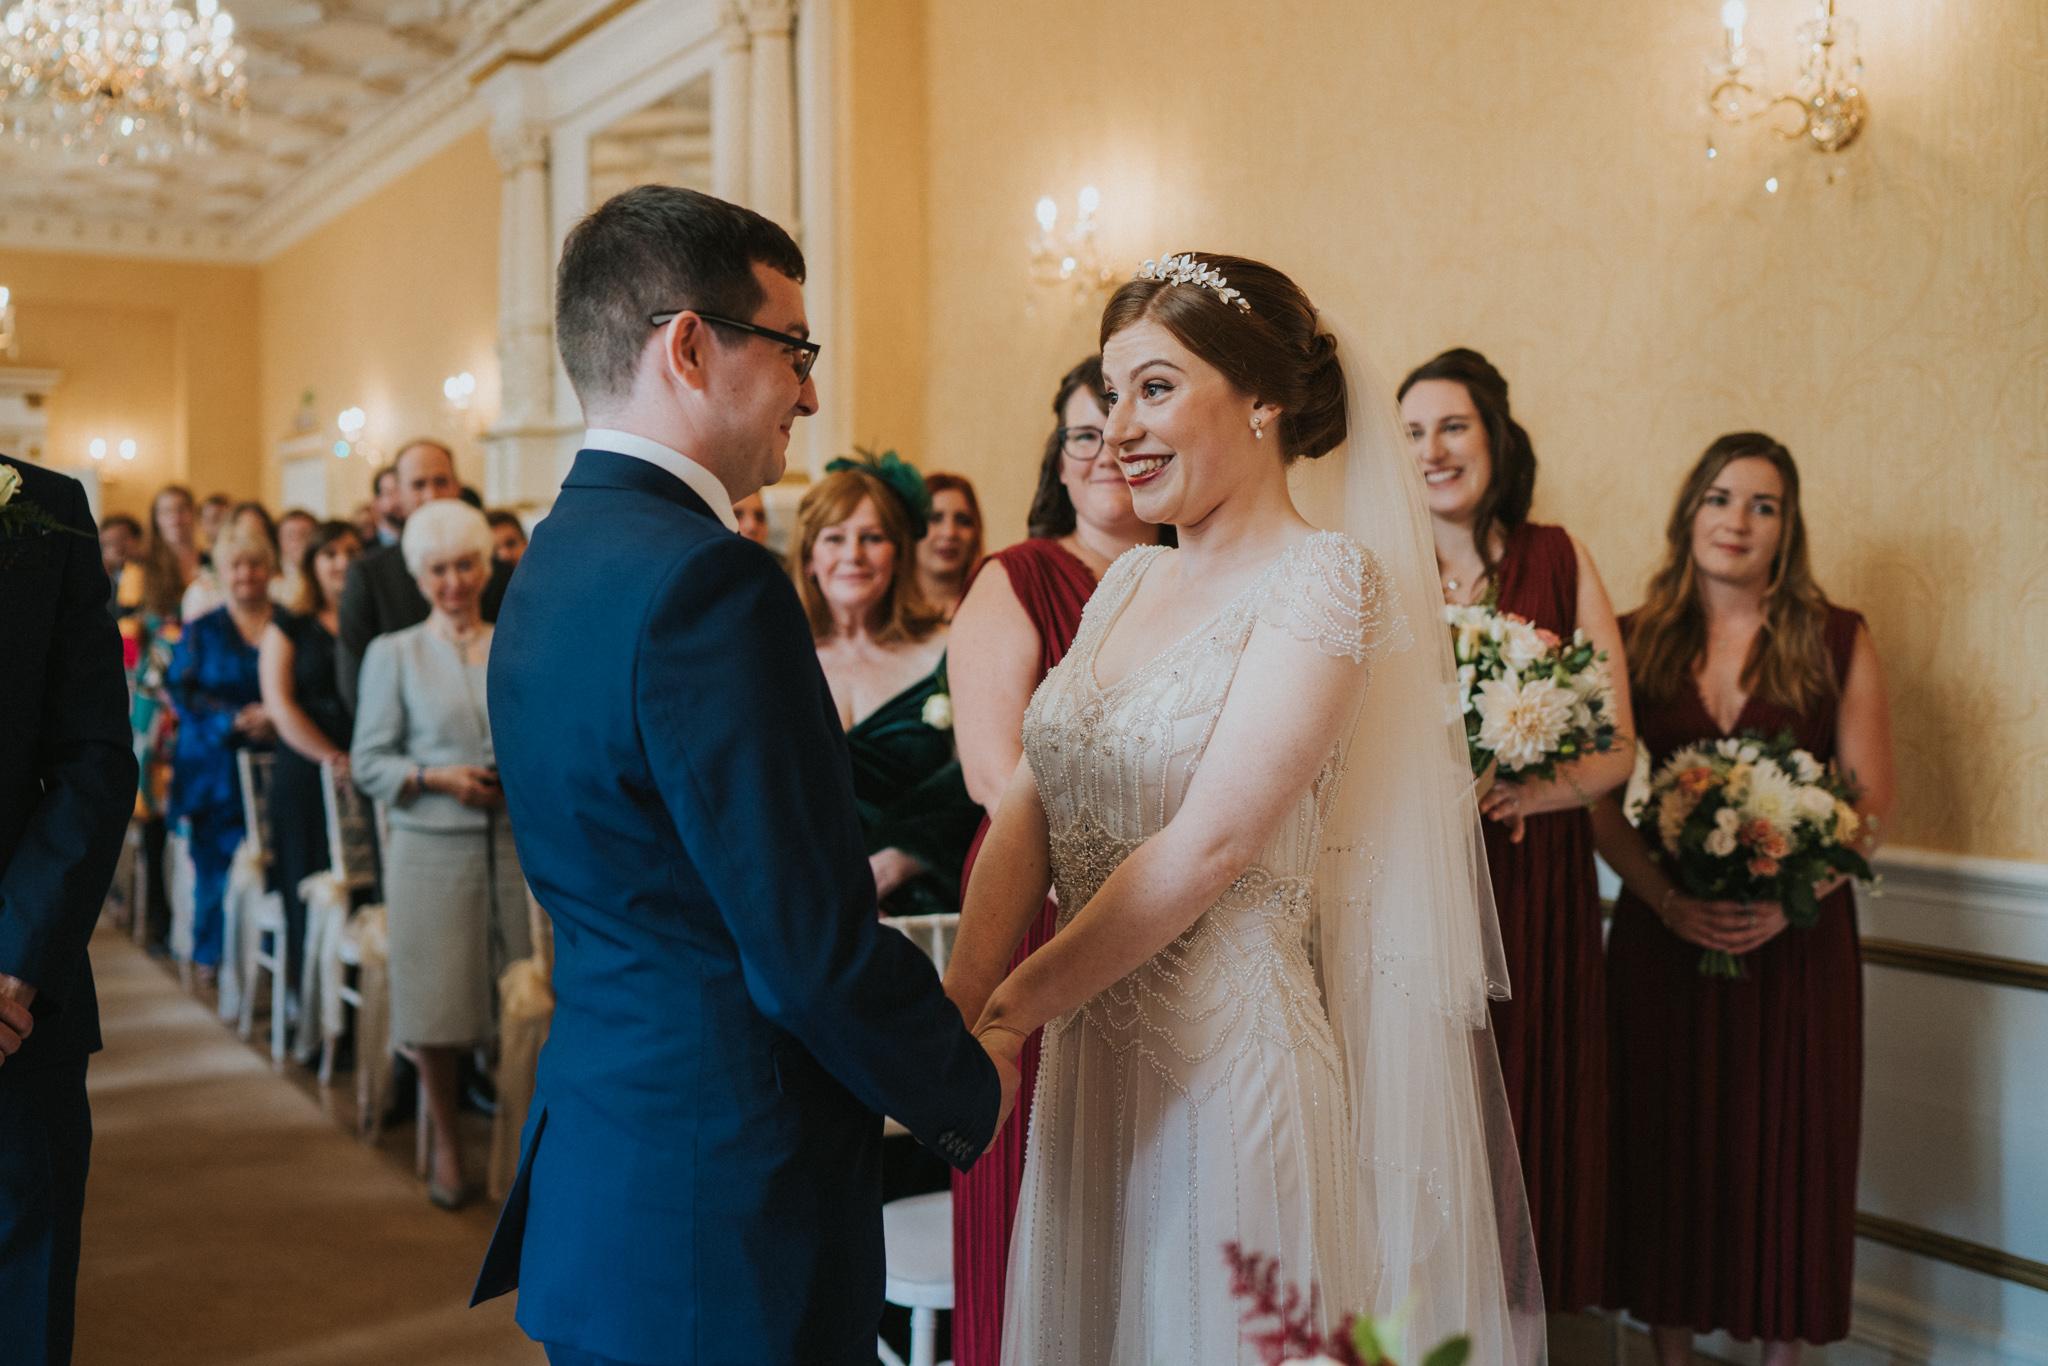 philippa-mark-holmewood-hall-peterborough-grace-elizabeth-colchester-essex-norfolk-devon-suffolk-alternative-wedding-photographer (34 of 62).jpg